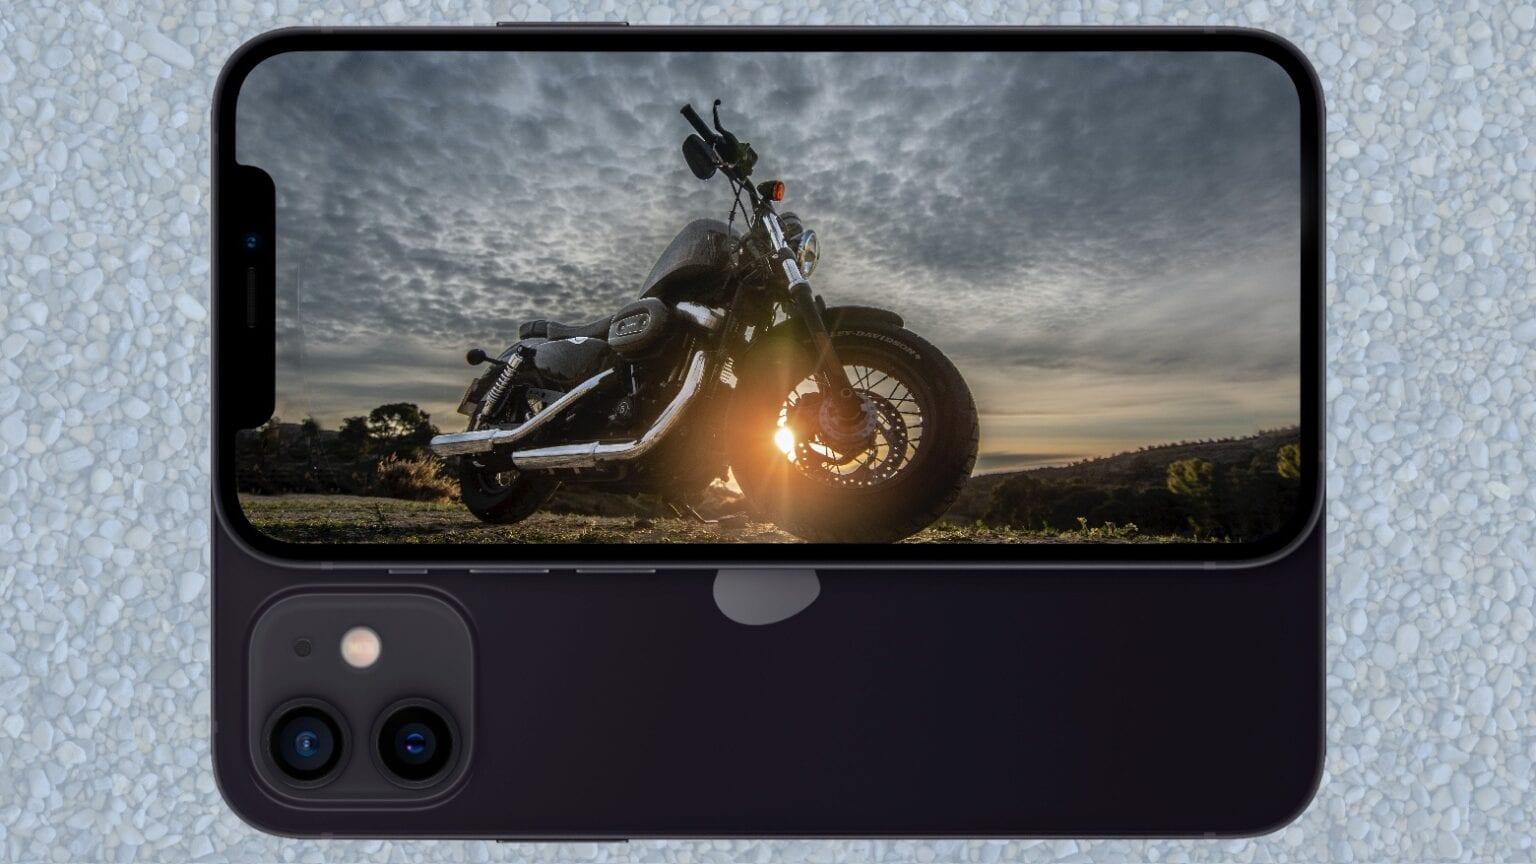 Las bicicletas pueden arruinar permanentemente la cámara de tu iPhone